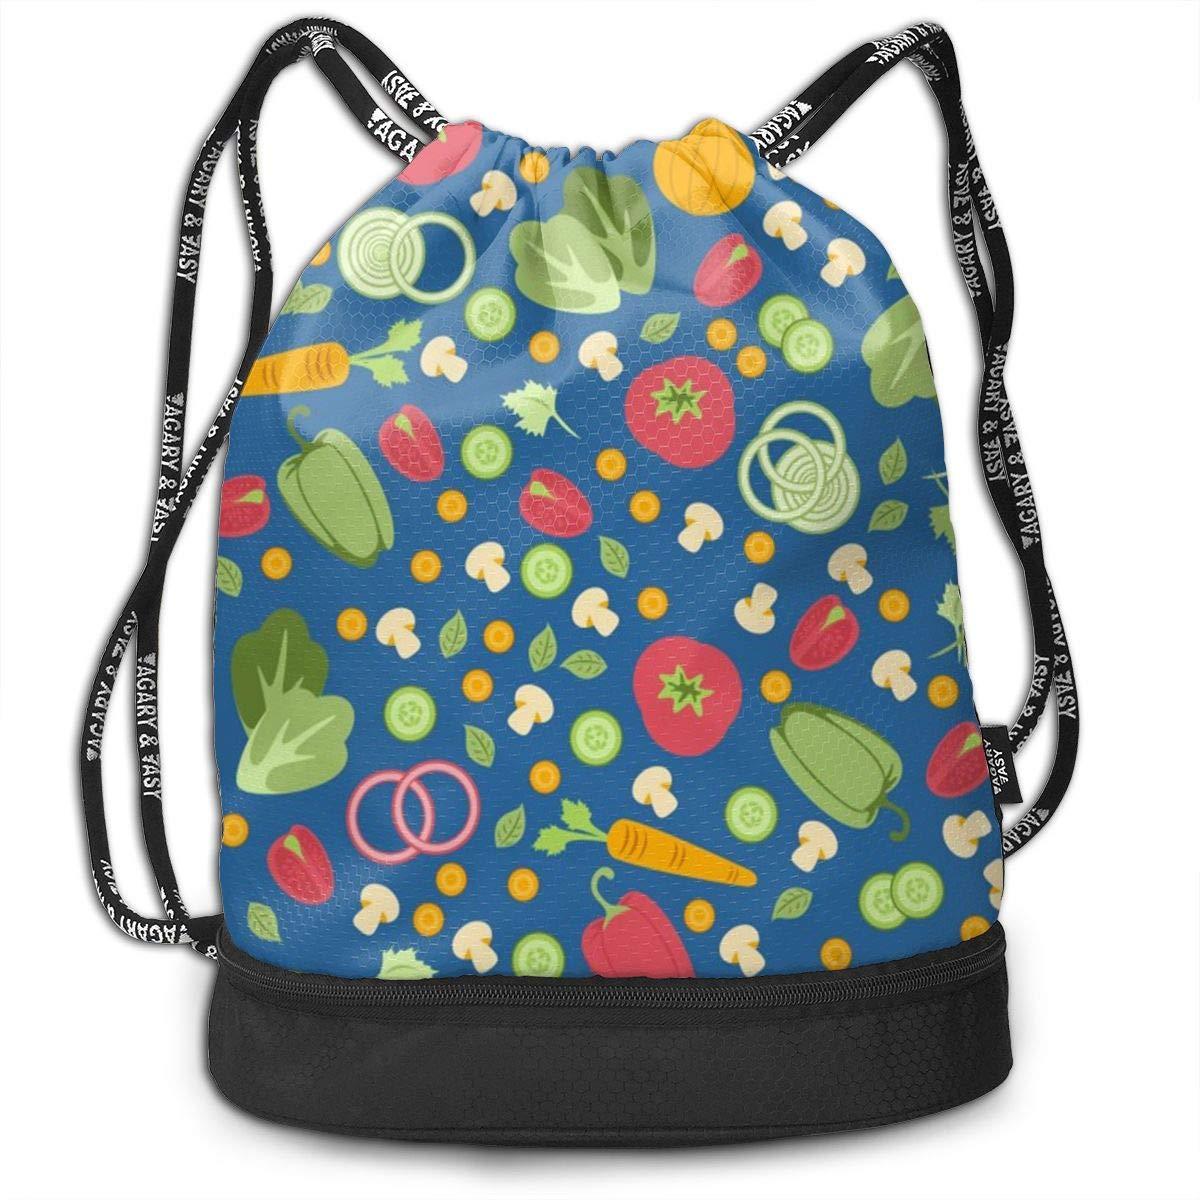 HUOPR5Q Vegetables Drawstring Backpack Sport Gym Sack Shoulder Bulk Bag Dance Bag for School Travel